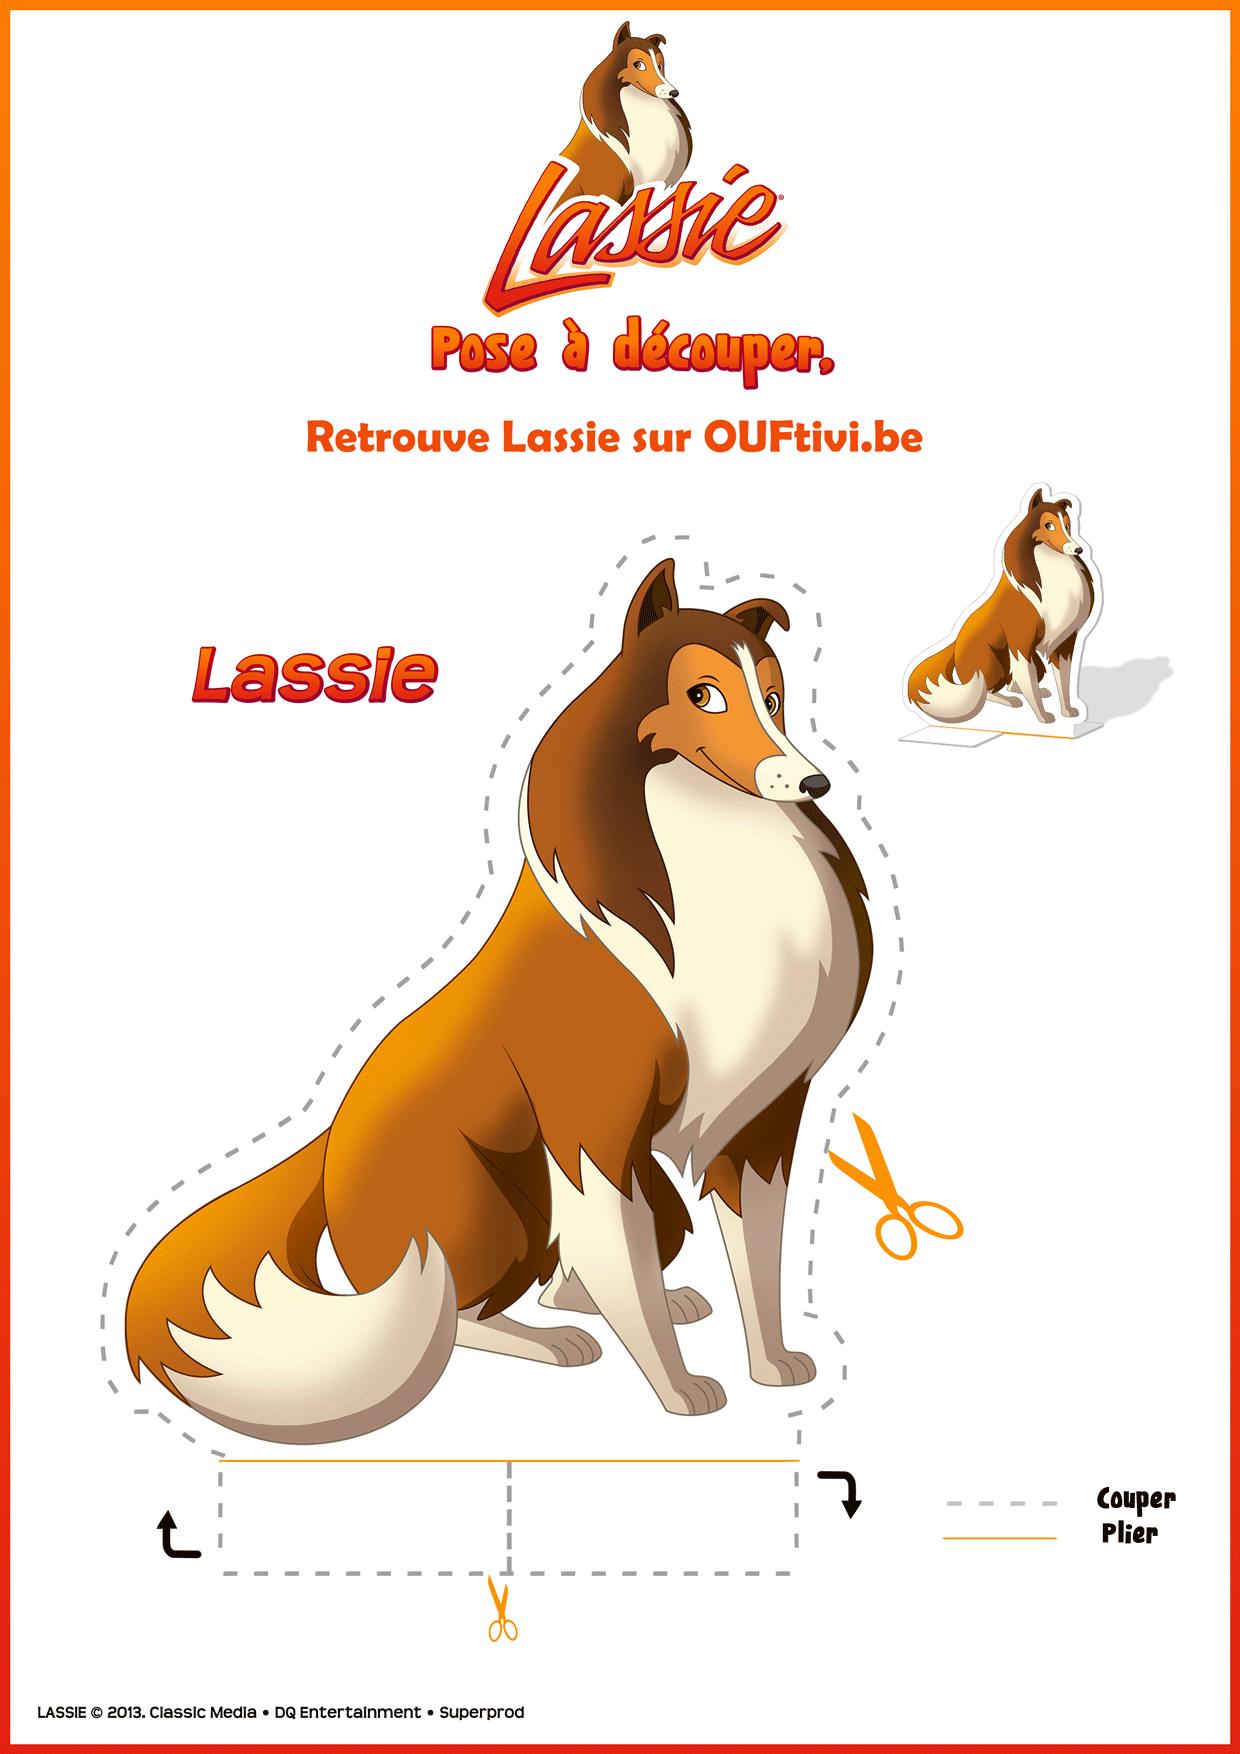 Lassie Ouftivi